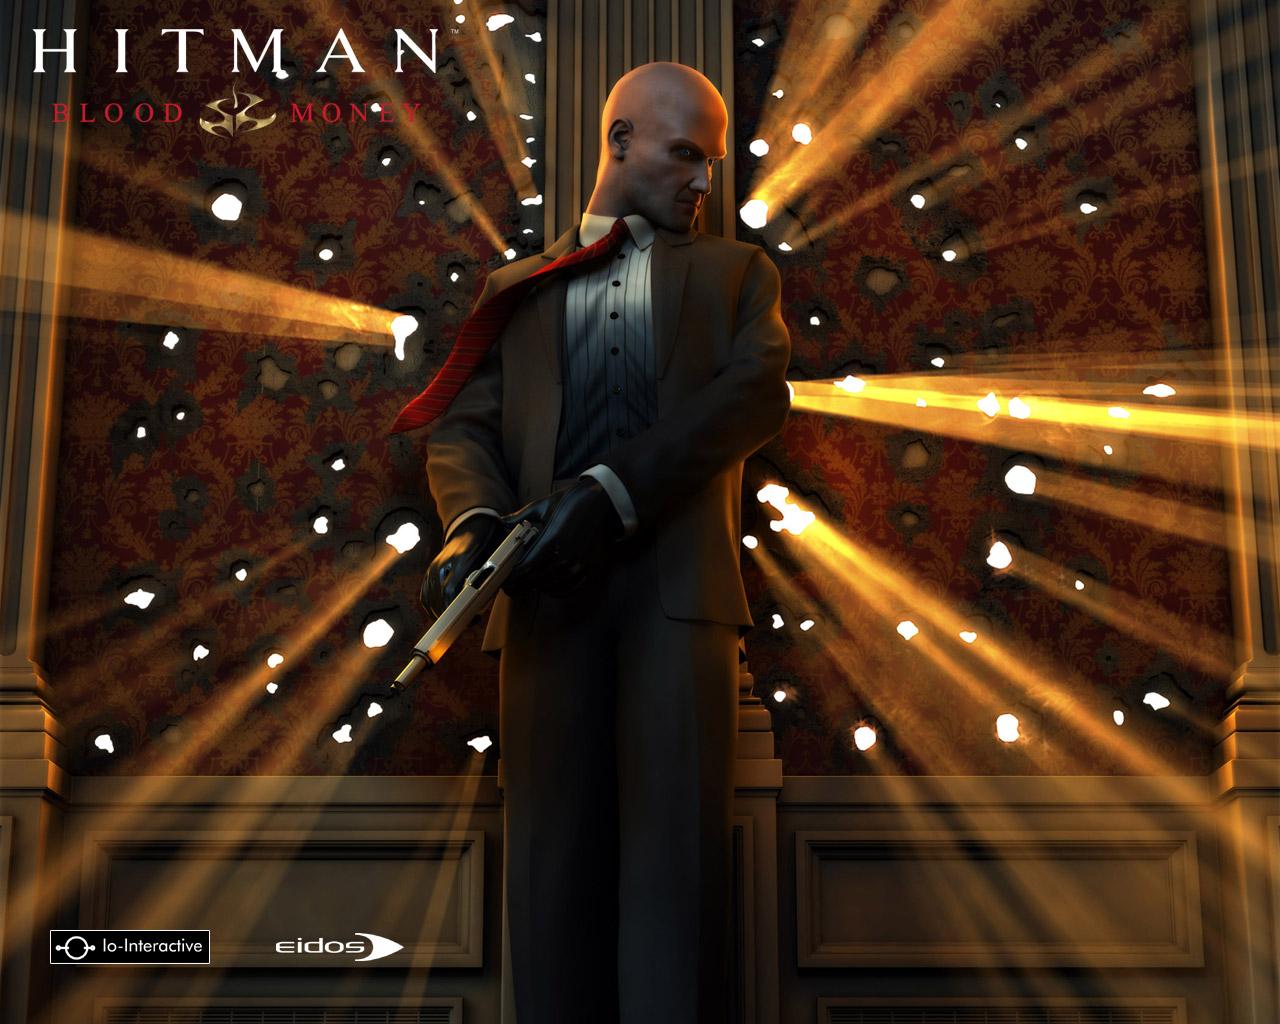 http://3.bp.blogspot.com/-6Qg0usc5XIs/TddrcuHSYDI/AAAAAAAAB2s/0hXXoz6Gu-I/s1600/Hitman_Blood+money_wallpaper+04_1280x1024.jpg